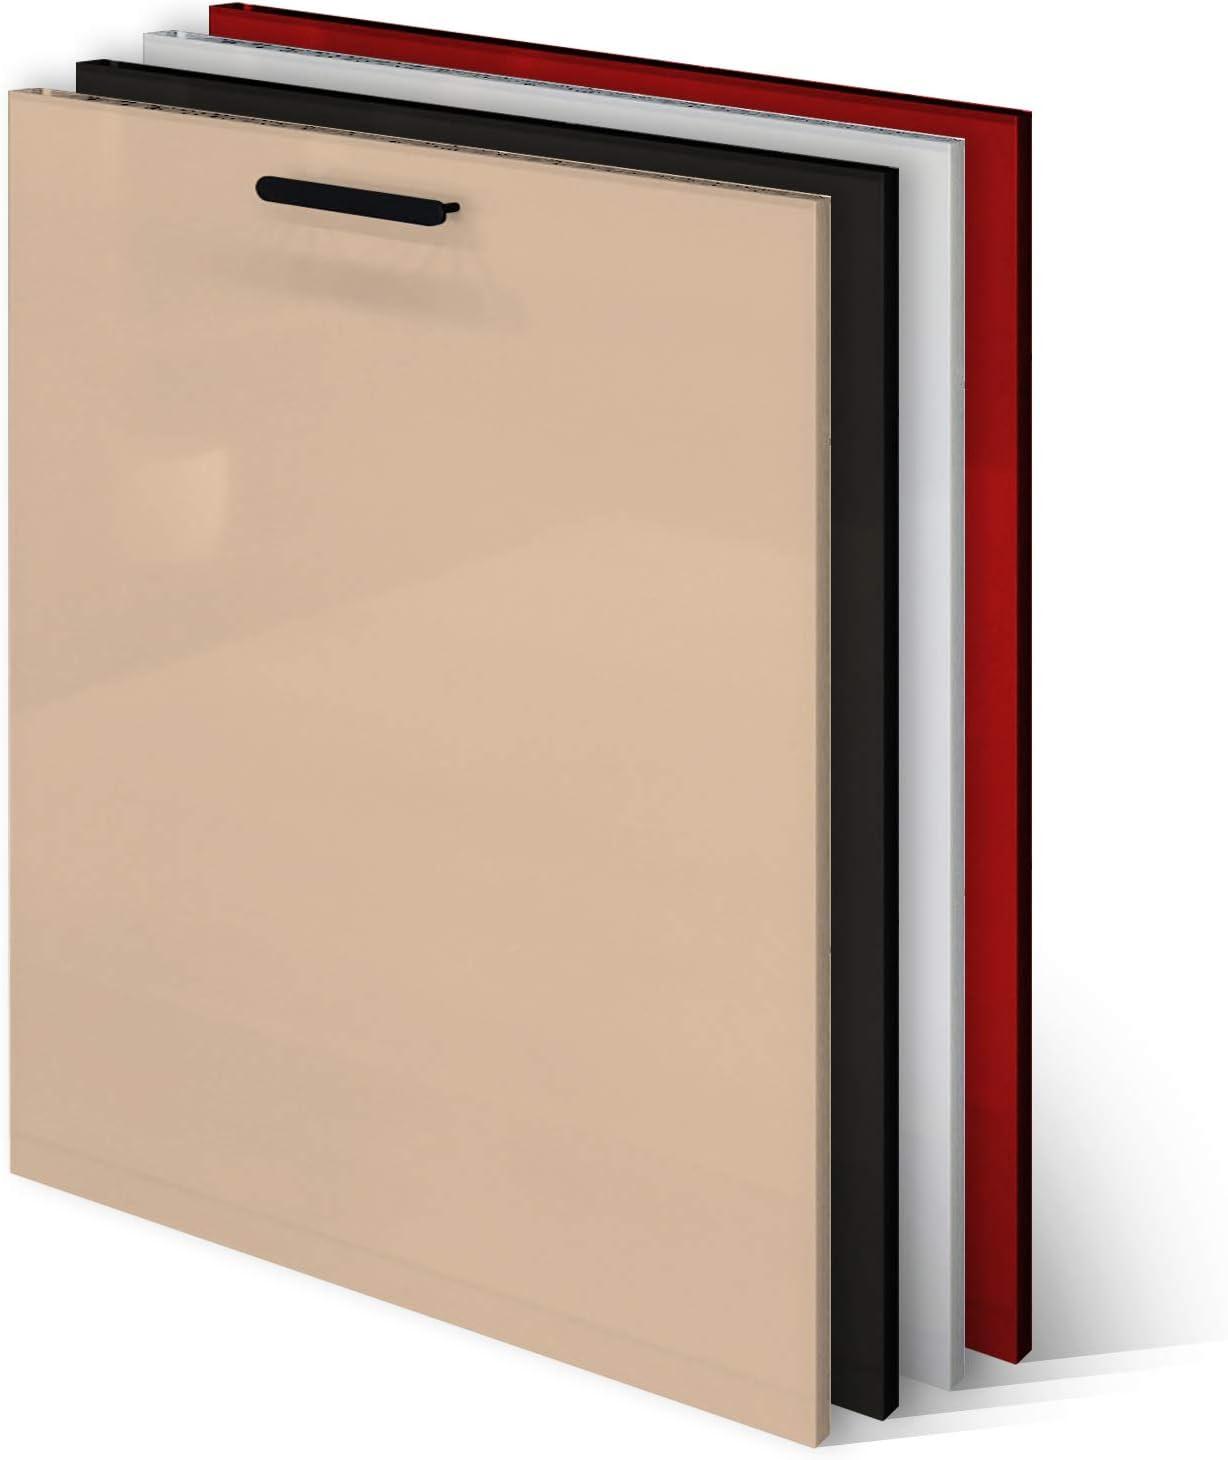 KLEMP Panel frontal para lavavajillas, 594 x 565 mm, Cappucino, panel para lavavajillas totalmente integrado